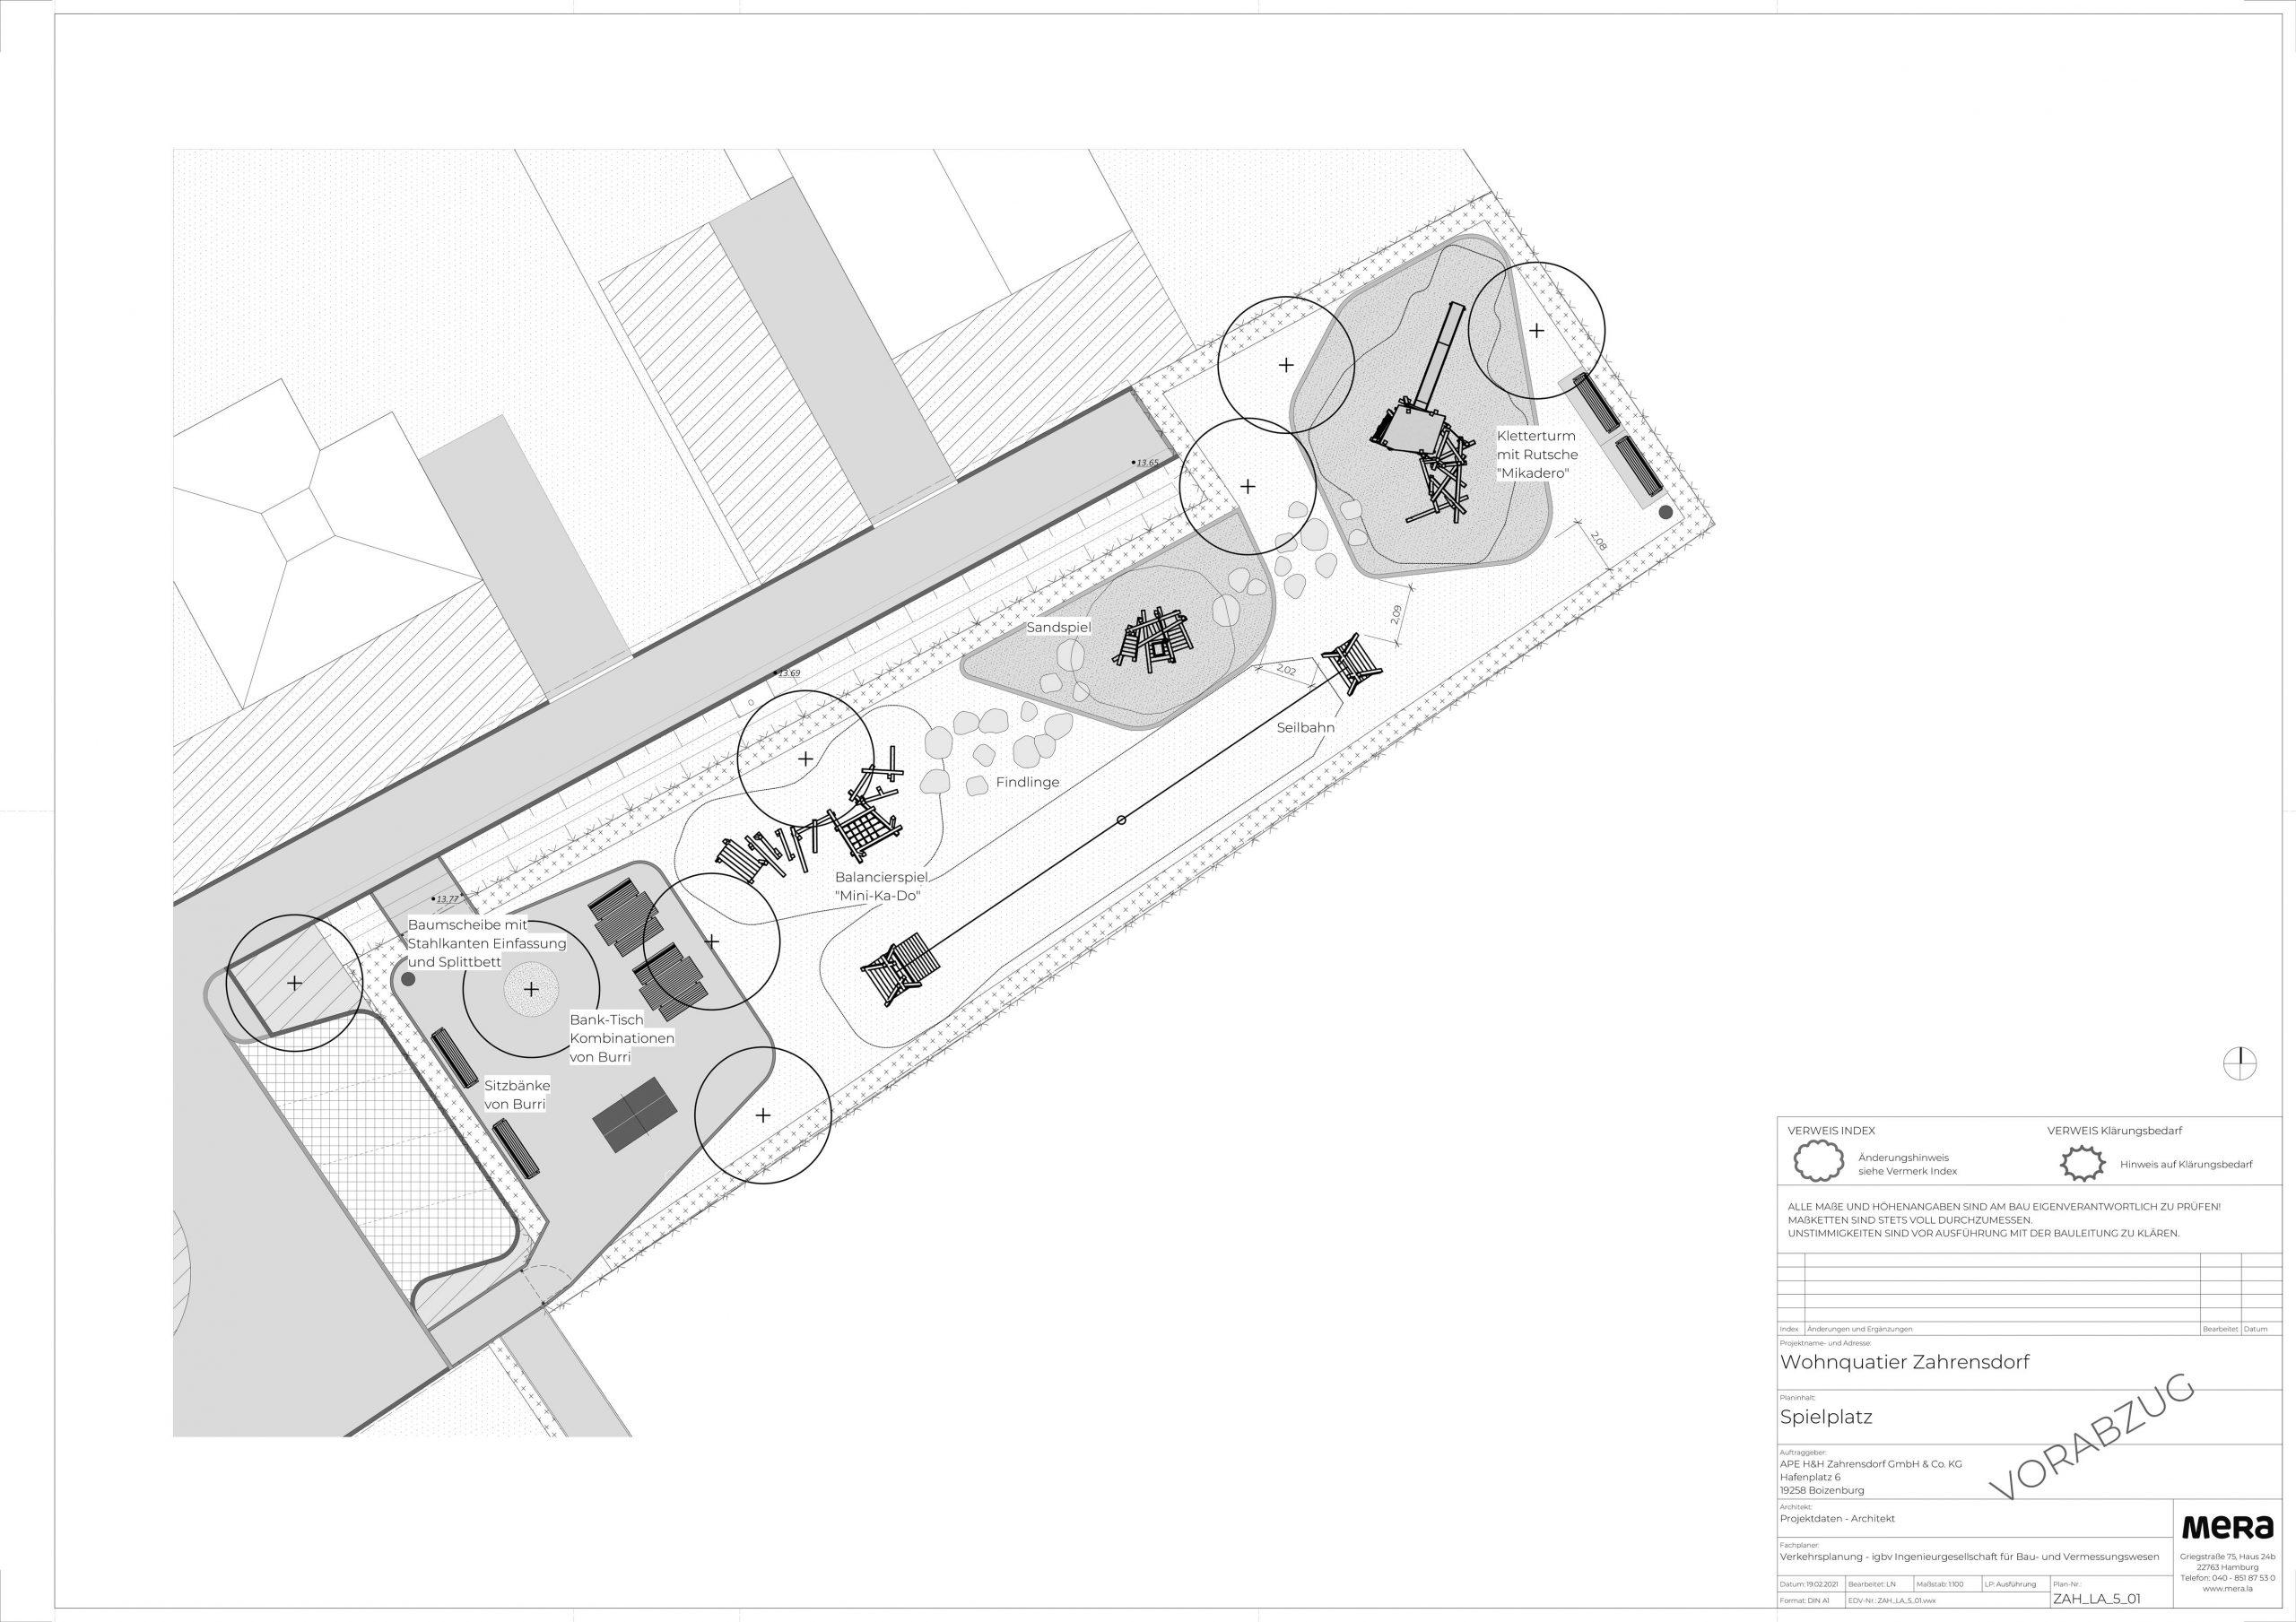 Mein-Bloomfeld_Lageplan_Zahrensdorf_Spielplatz-1